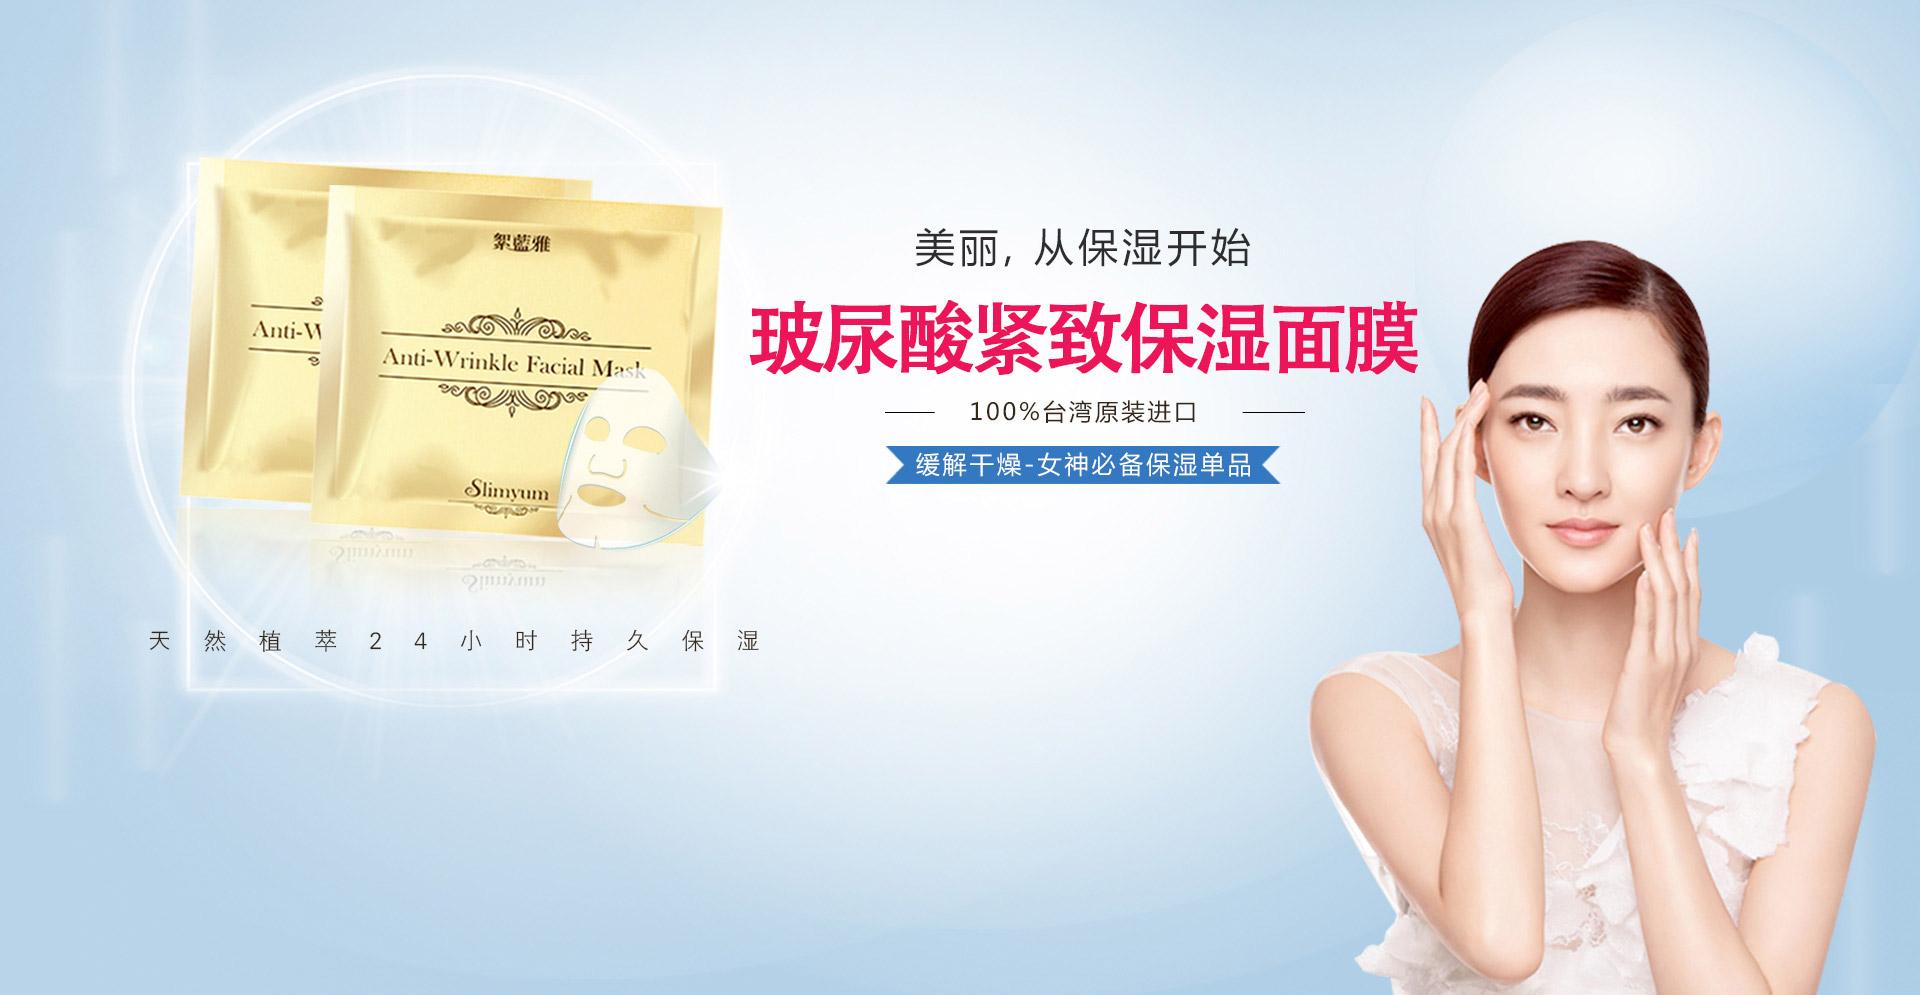 """""""絮蓝雅""""专注于女性高端保健护肤"""